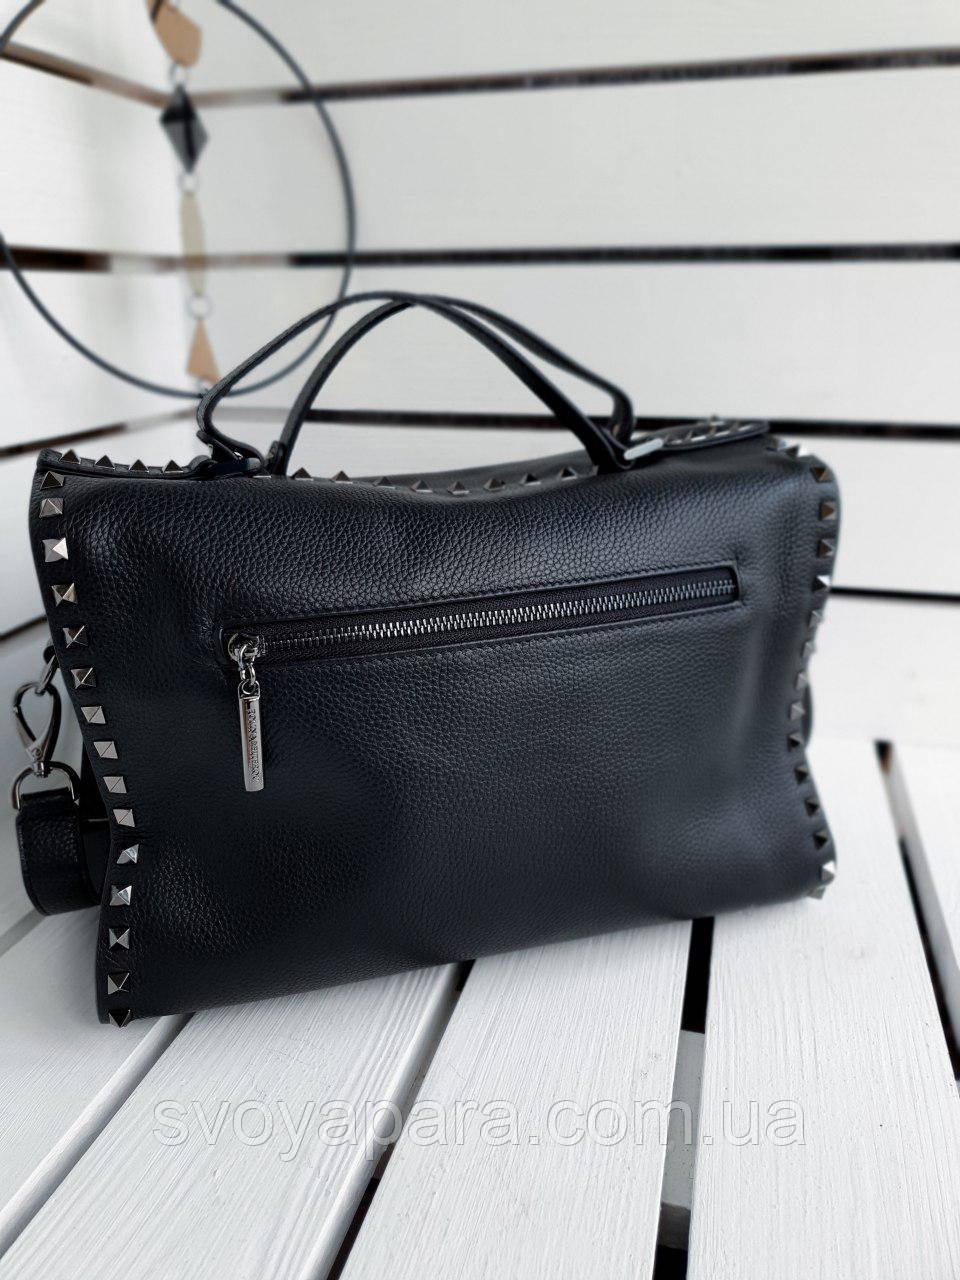 Кожаная женская сумка размером 32х28х15 см Черная (01292)